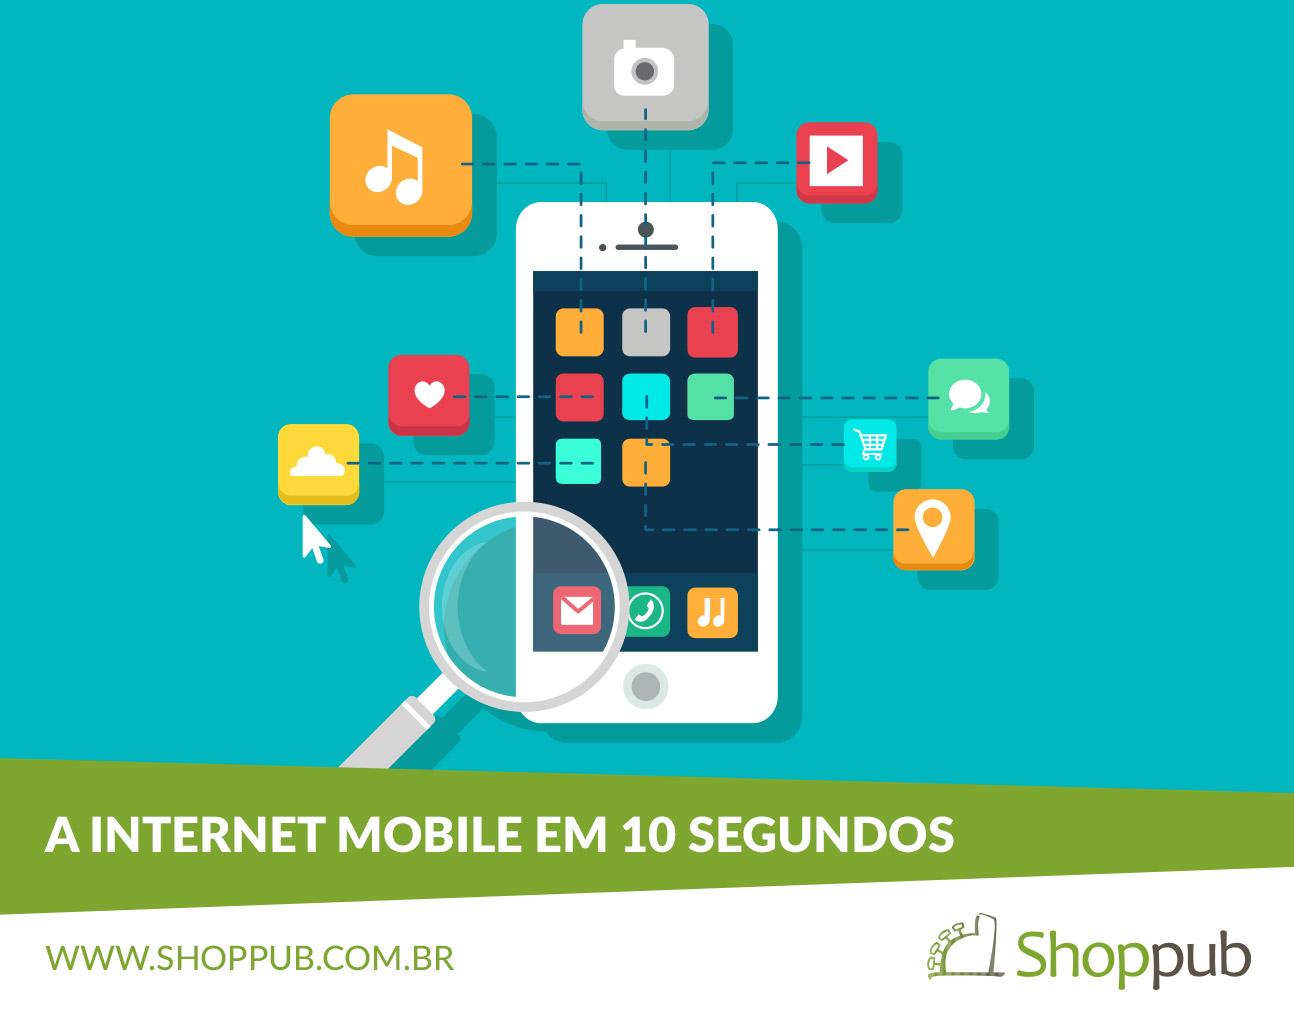 A internet mobile em 10 segundos